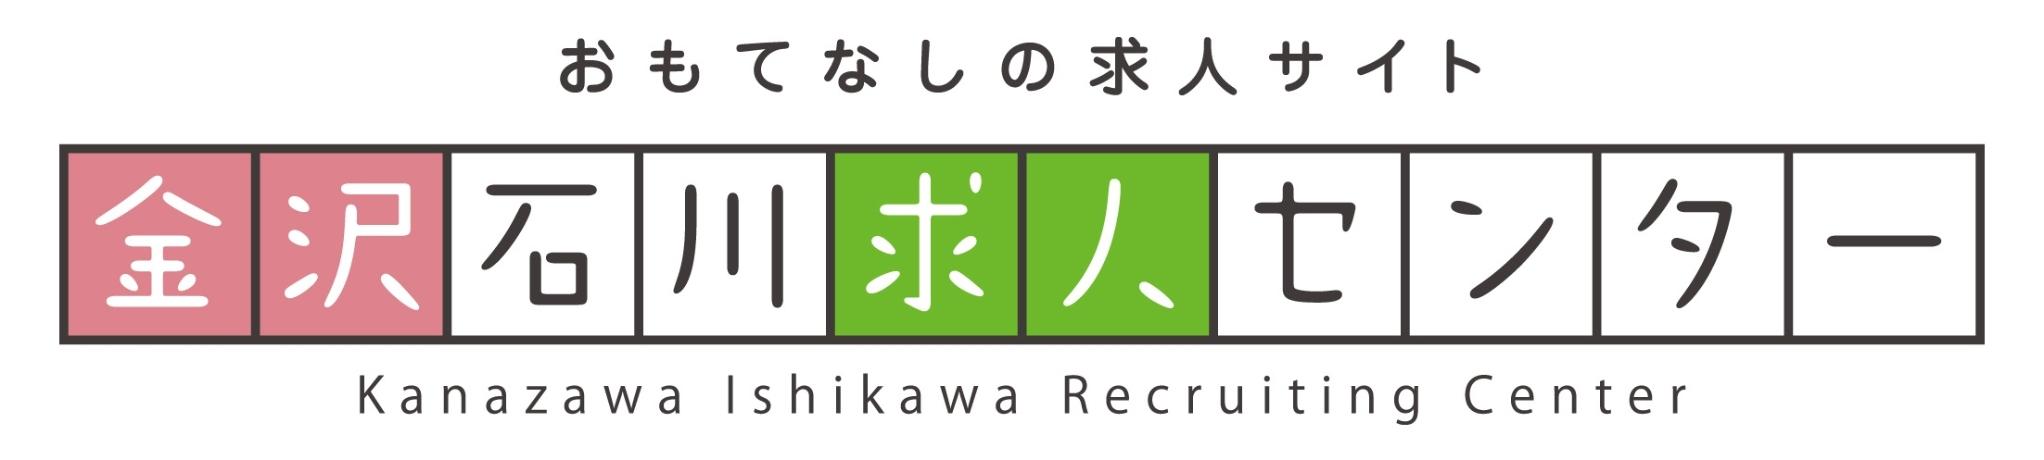 金沢・石川求人センター